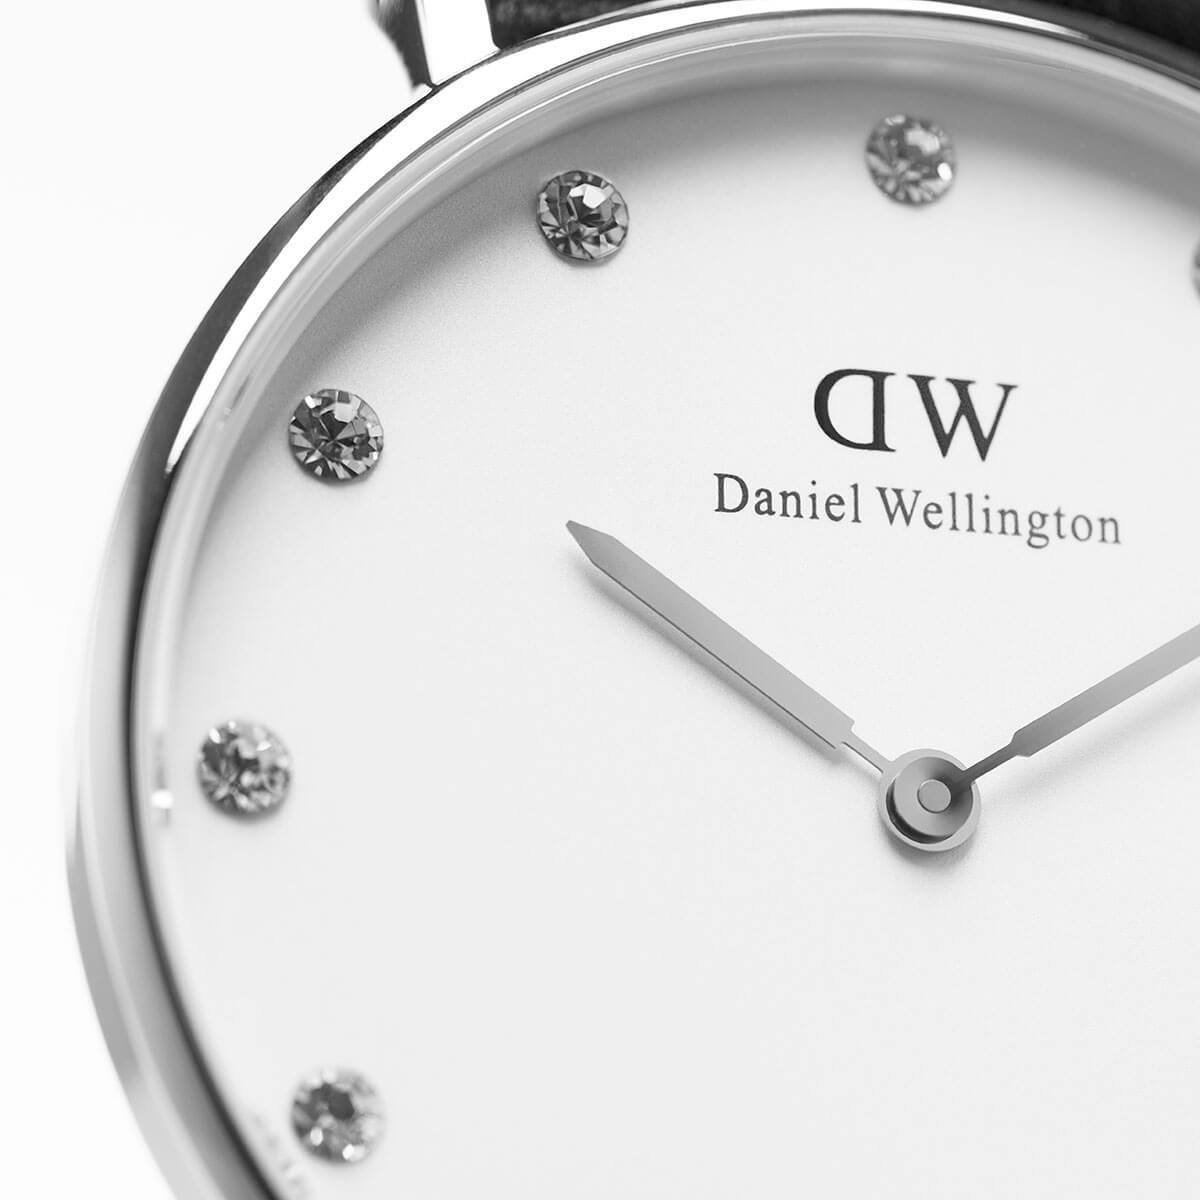 ダニエルウェリントン 34mm Daniel Wellington グラスゴー シルバー メンズ レディース 腕時計